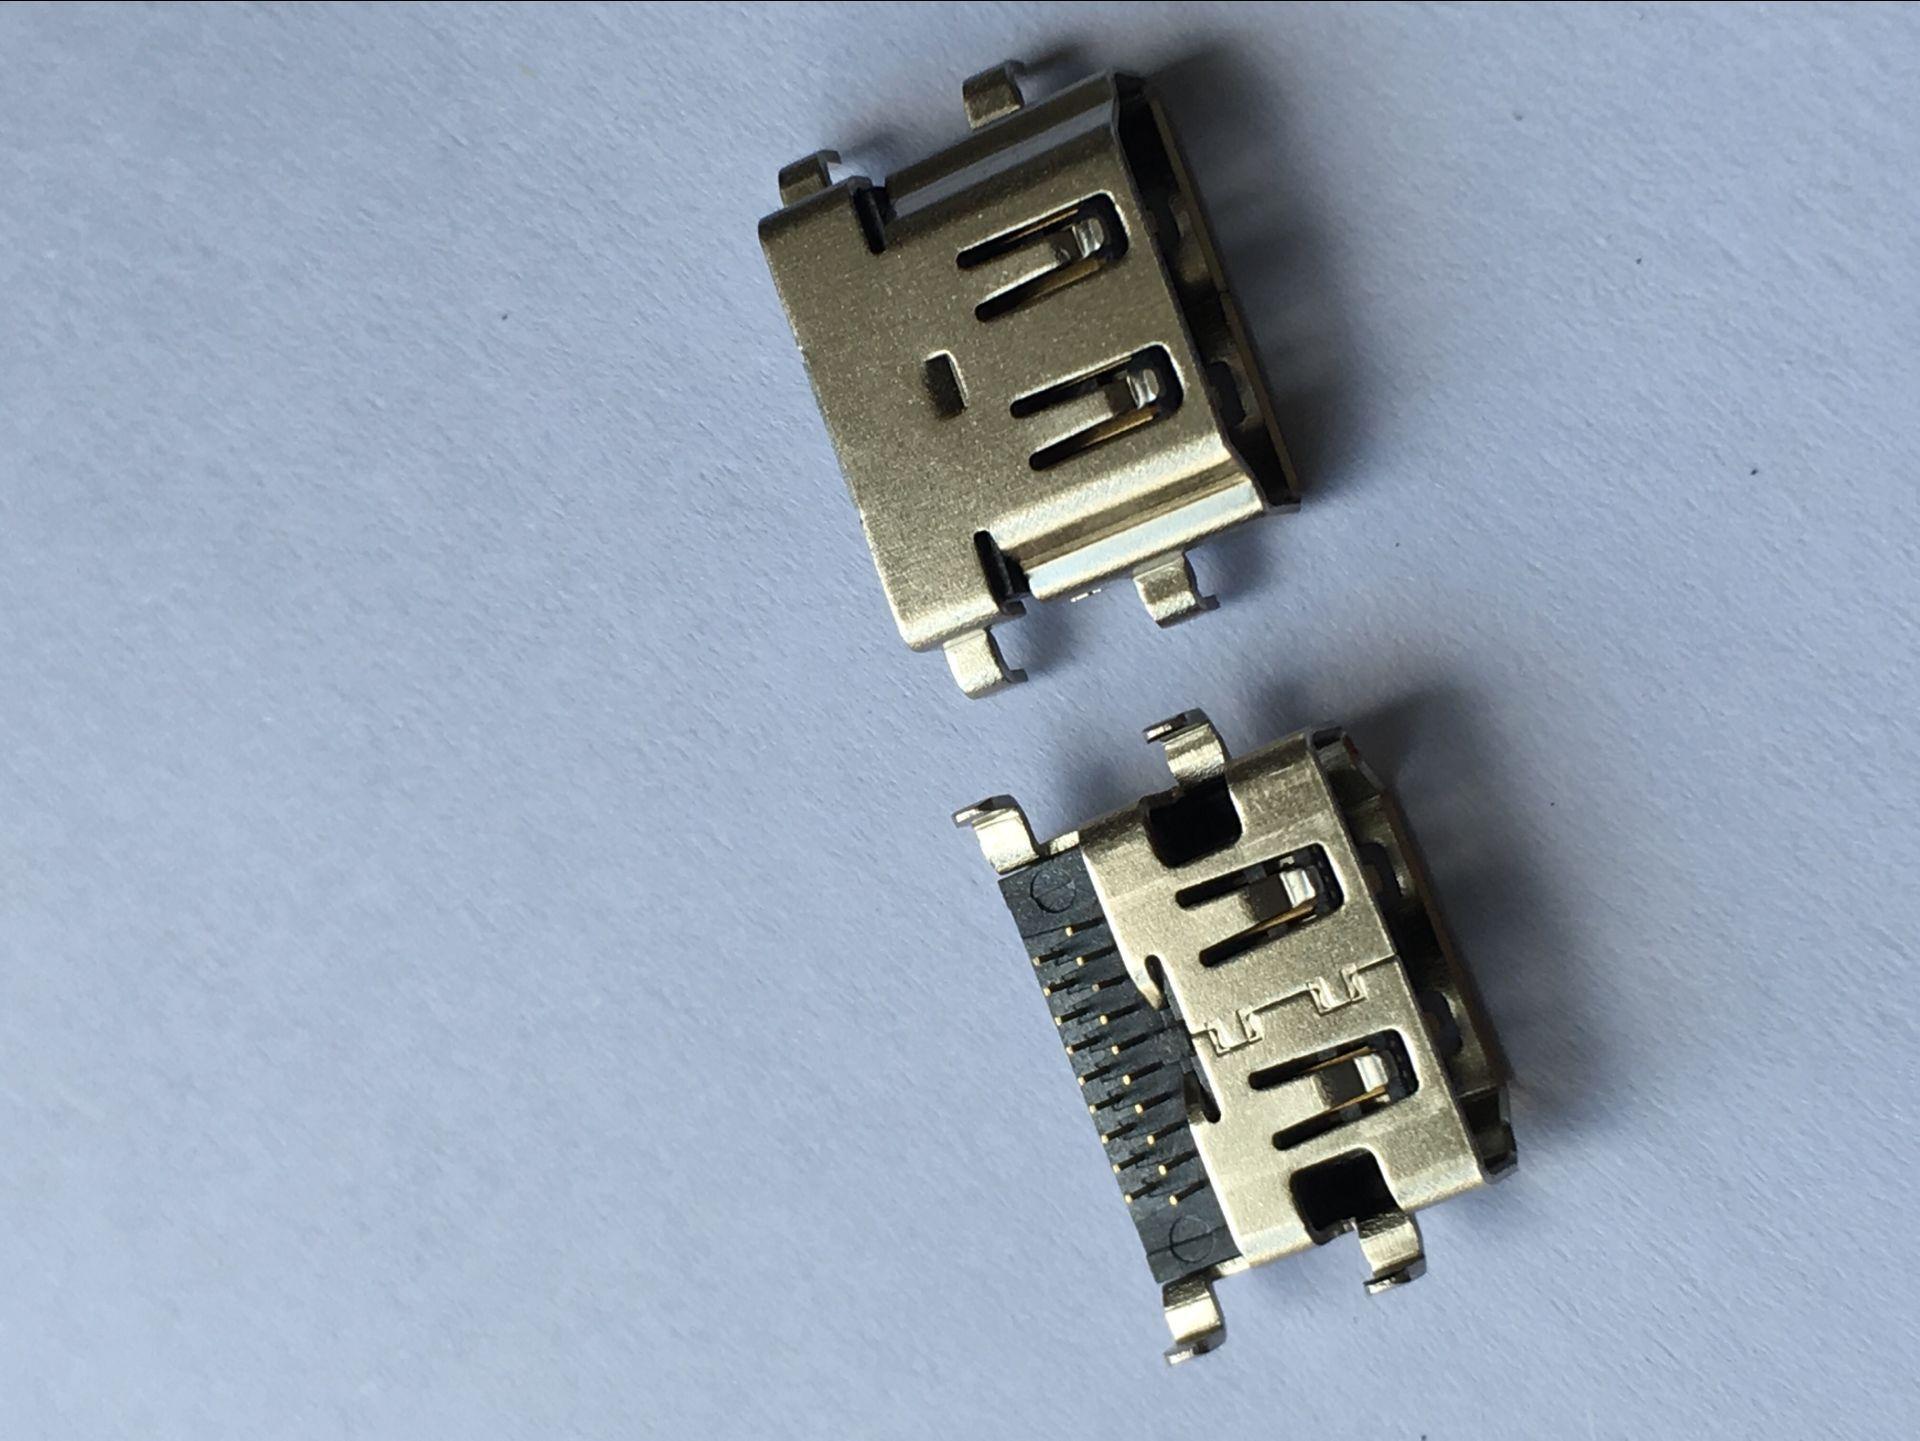 Nhà sản xuất cung cấp kết nối HDMI -19 P , board hdmi kết nối usb thành phần điện tử nối .